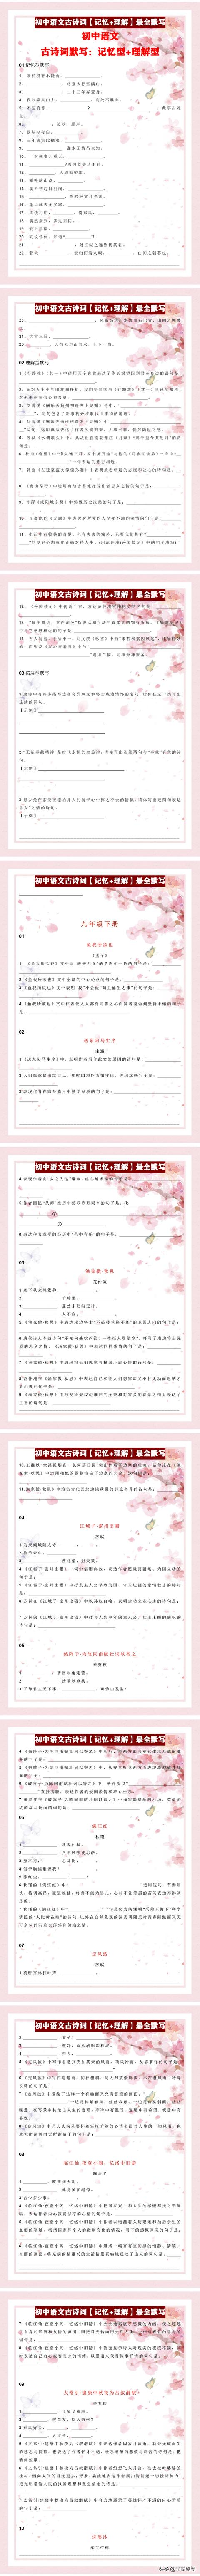 初中语文必背古诗文默写+理解性默写,7-9 年级的学生都要提前背诵